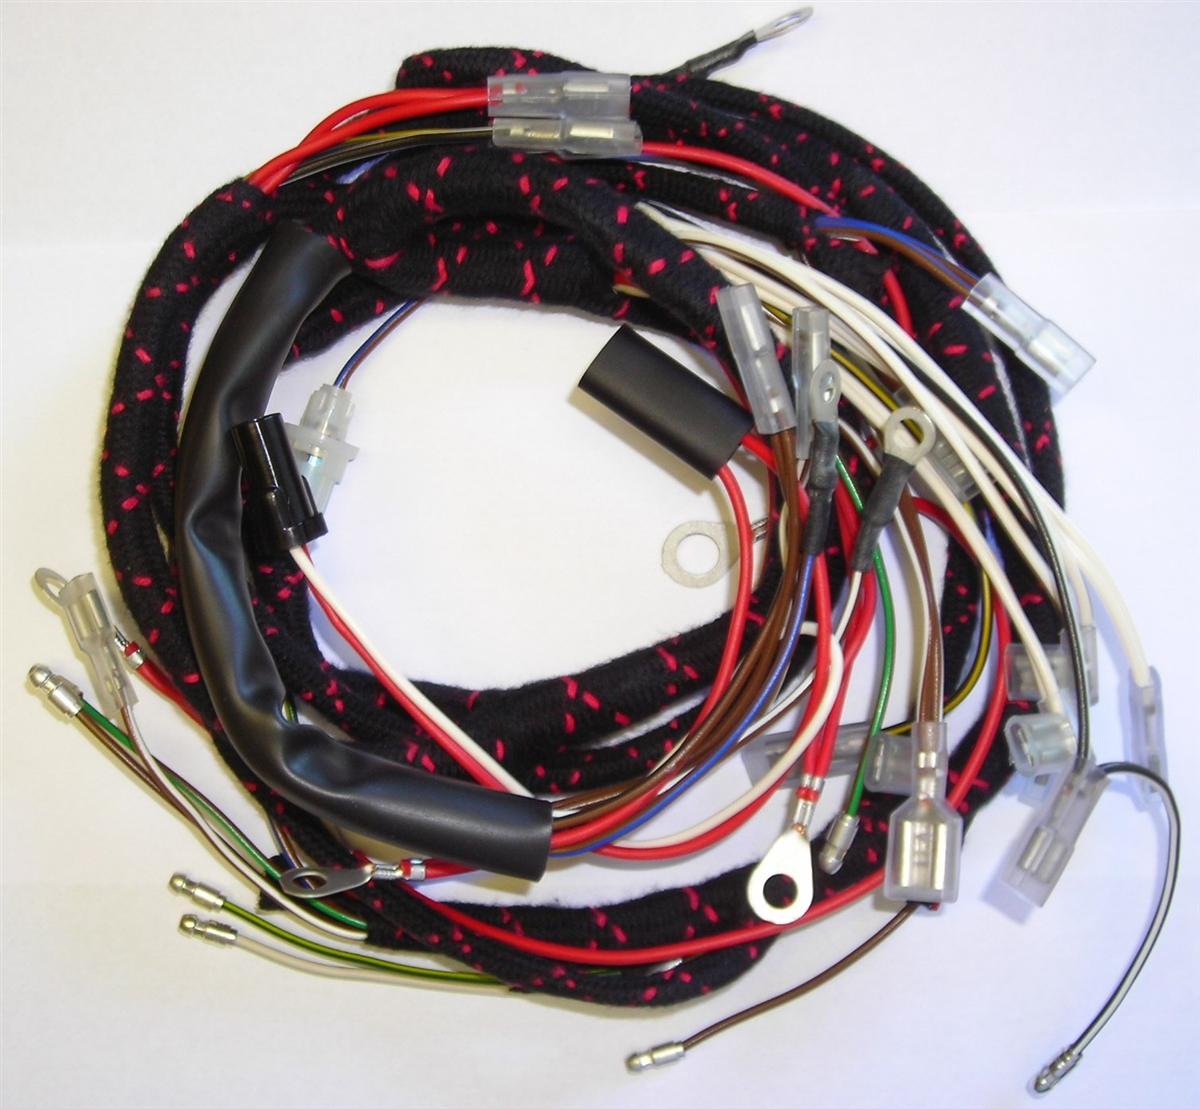 1967 triumph t100 wiring harness